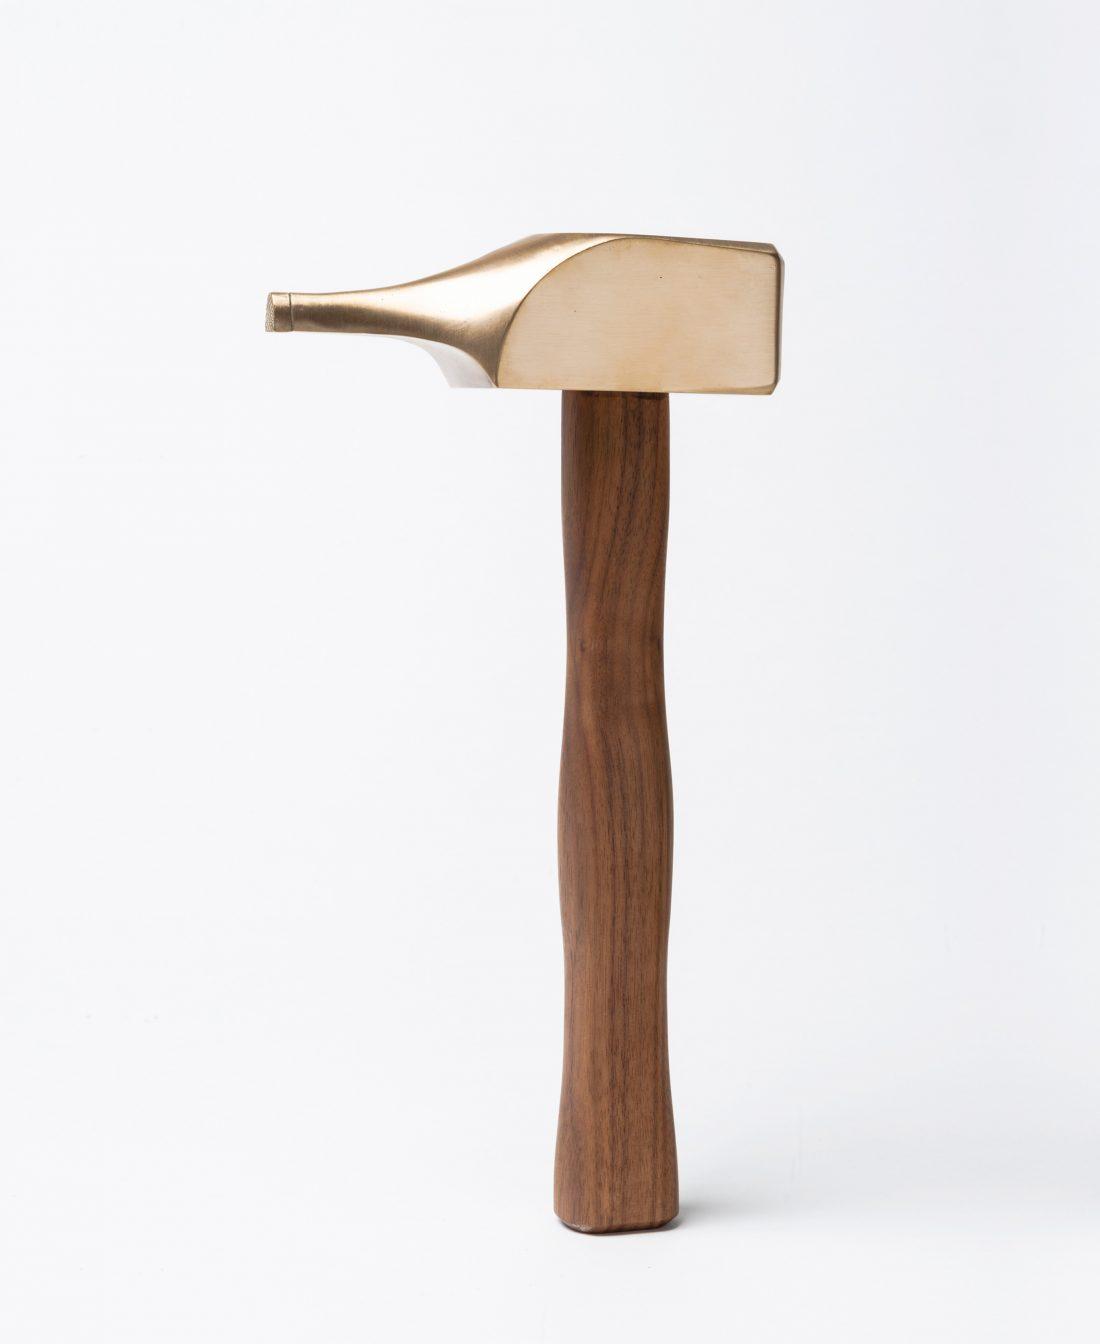 Stiletto Hammer